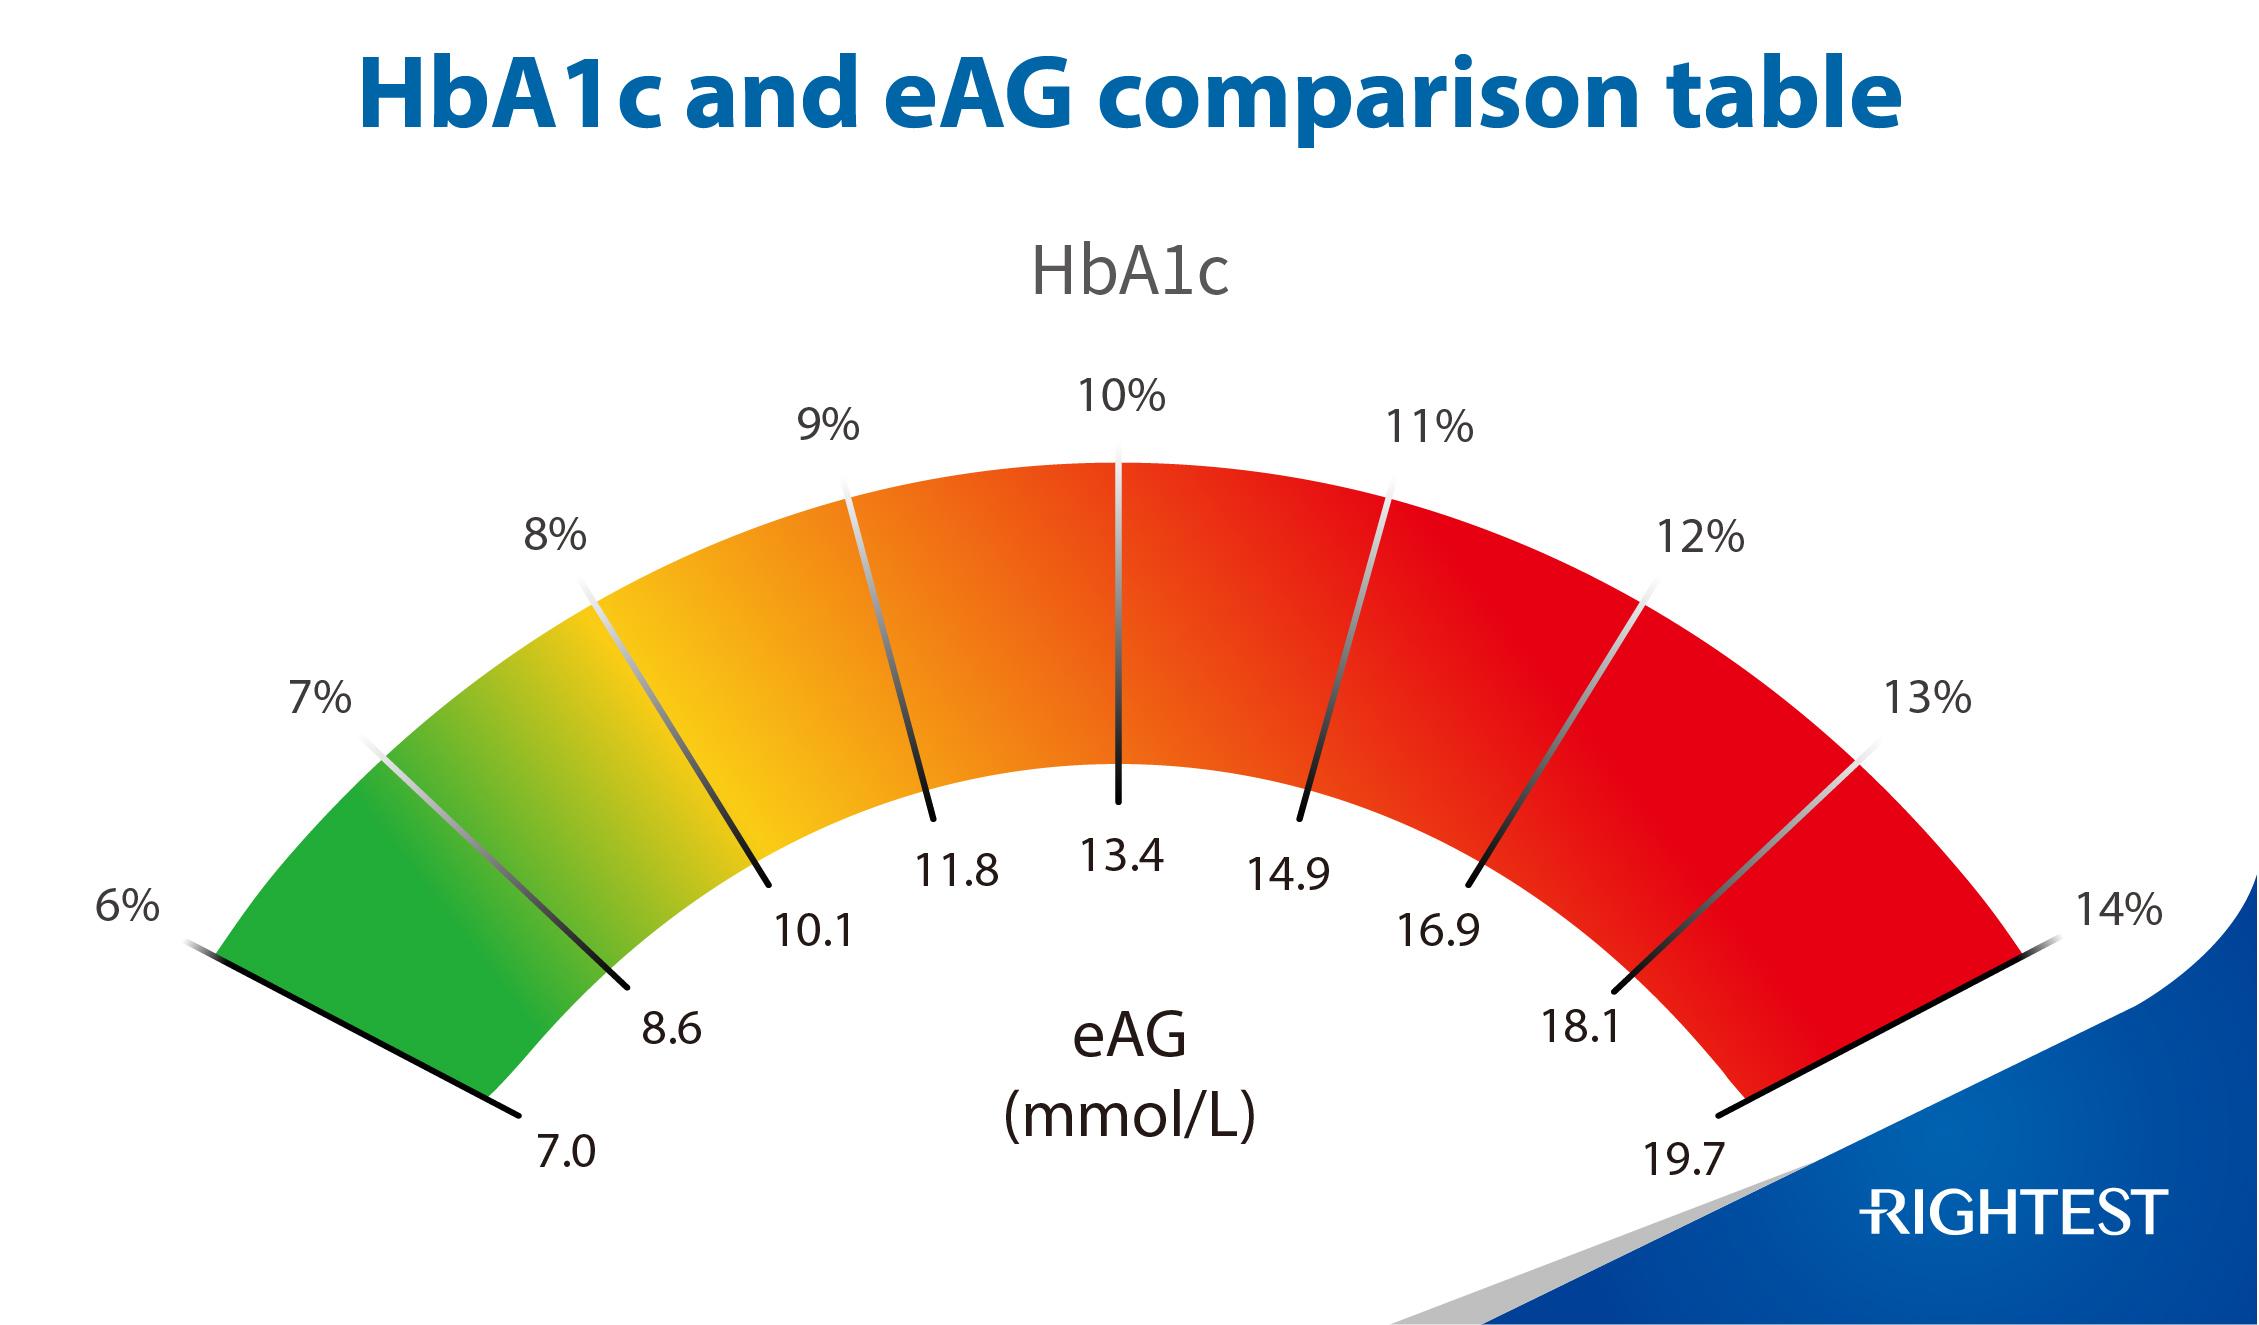 HbA1c VS eAG